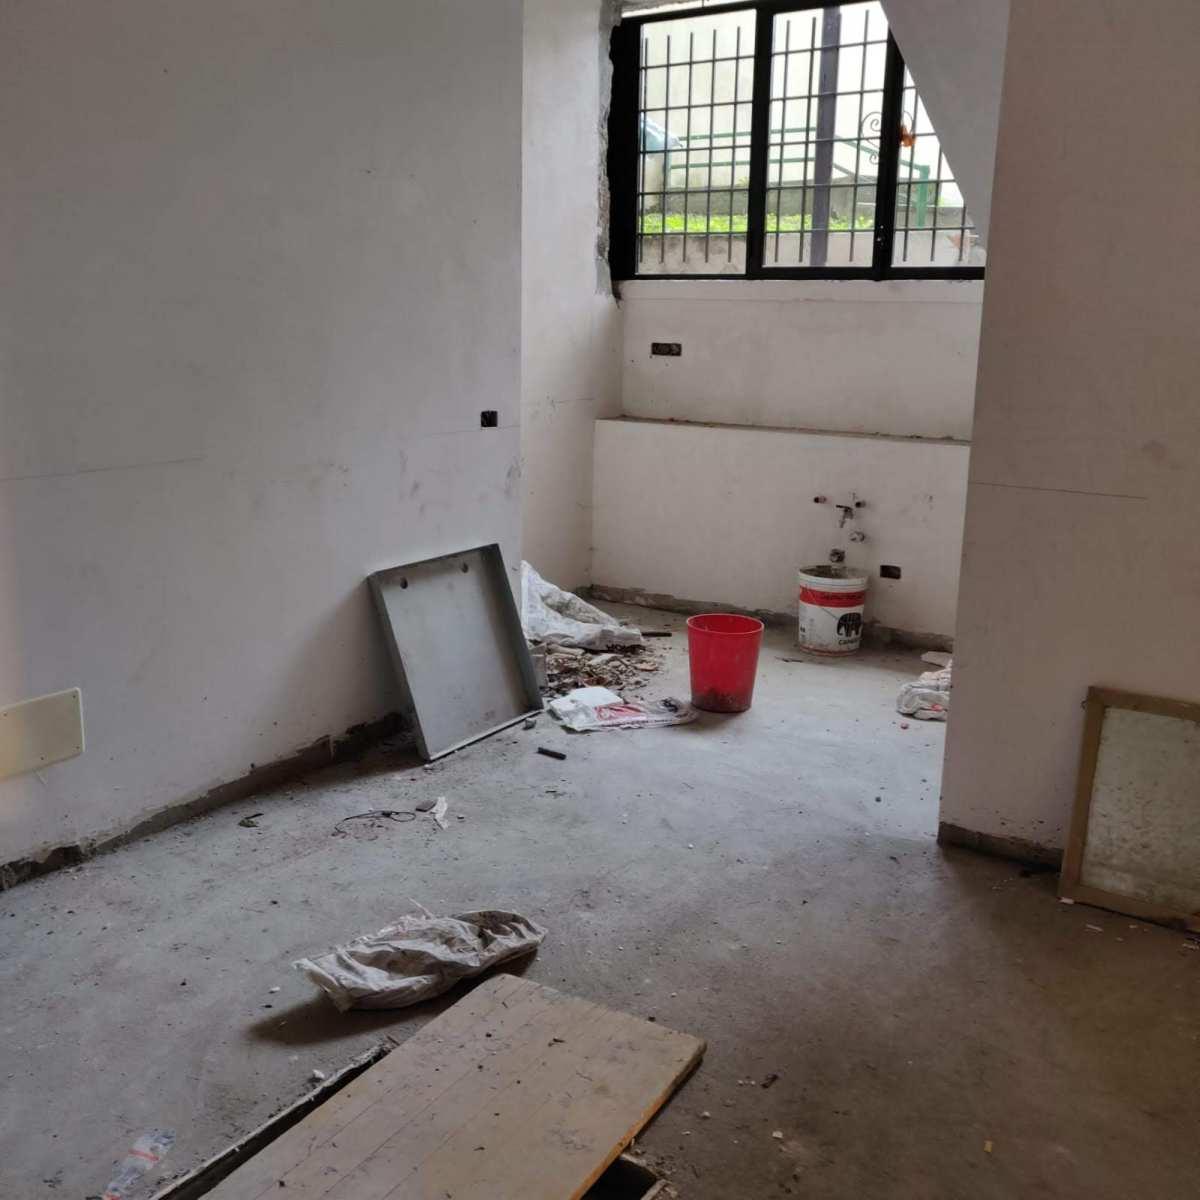 appartamenti-c3-in-vendita-via-chinotto-san-siro-milano-spaziourbano-immobiliare-vende-3-locali-2-locali-appartamenti-4